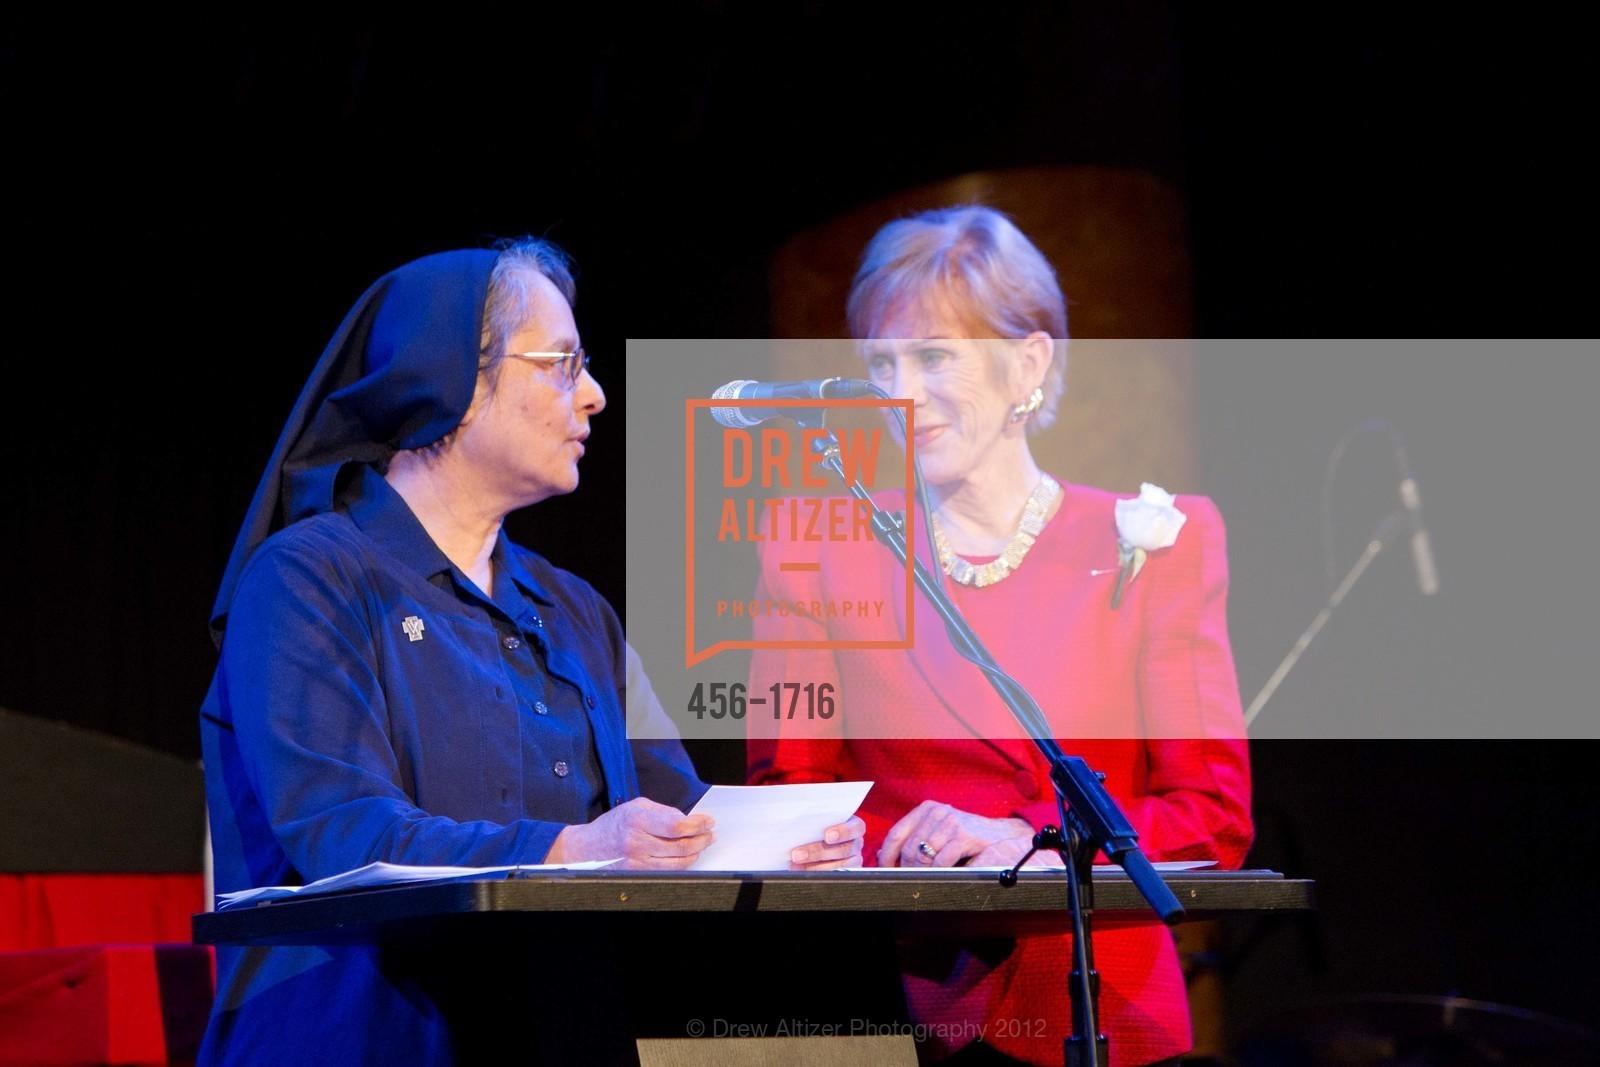 Sister Estela Morales, Brenda MacLean, Photo #456-1716